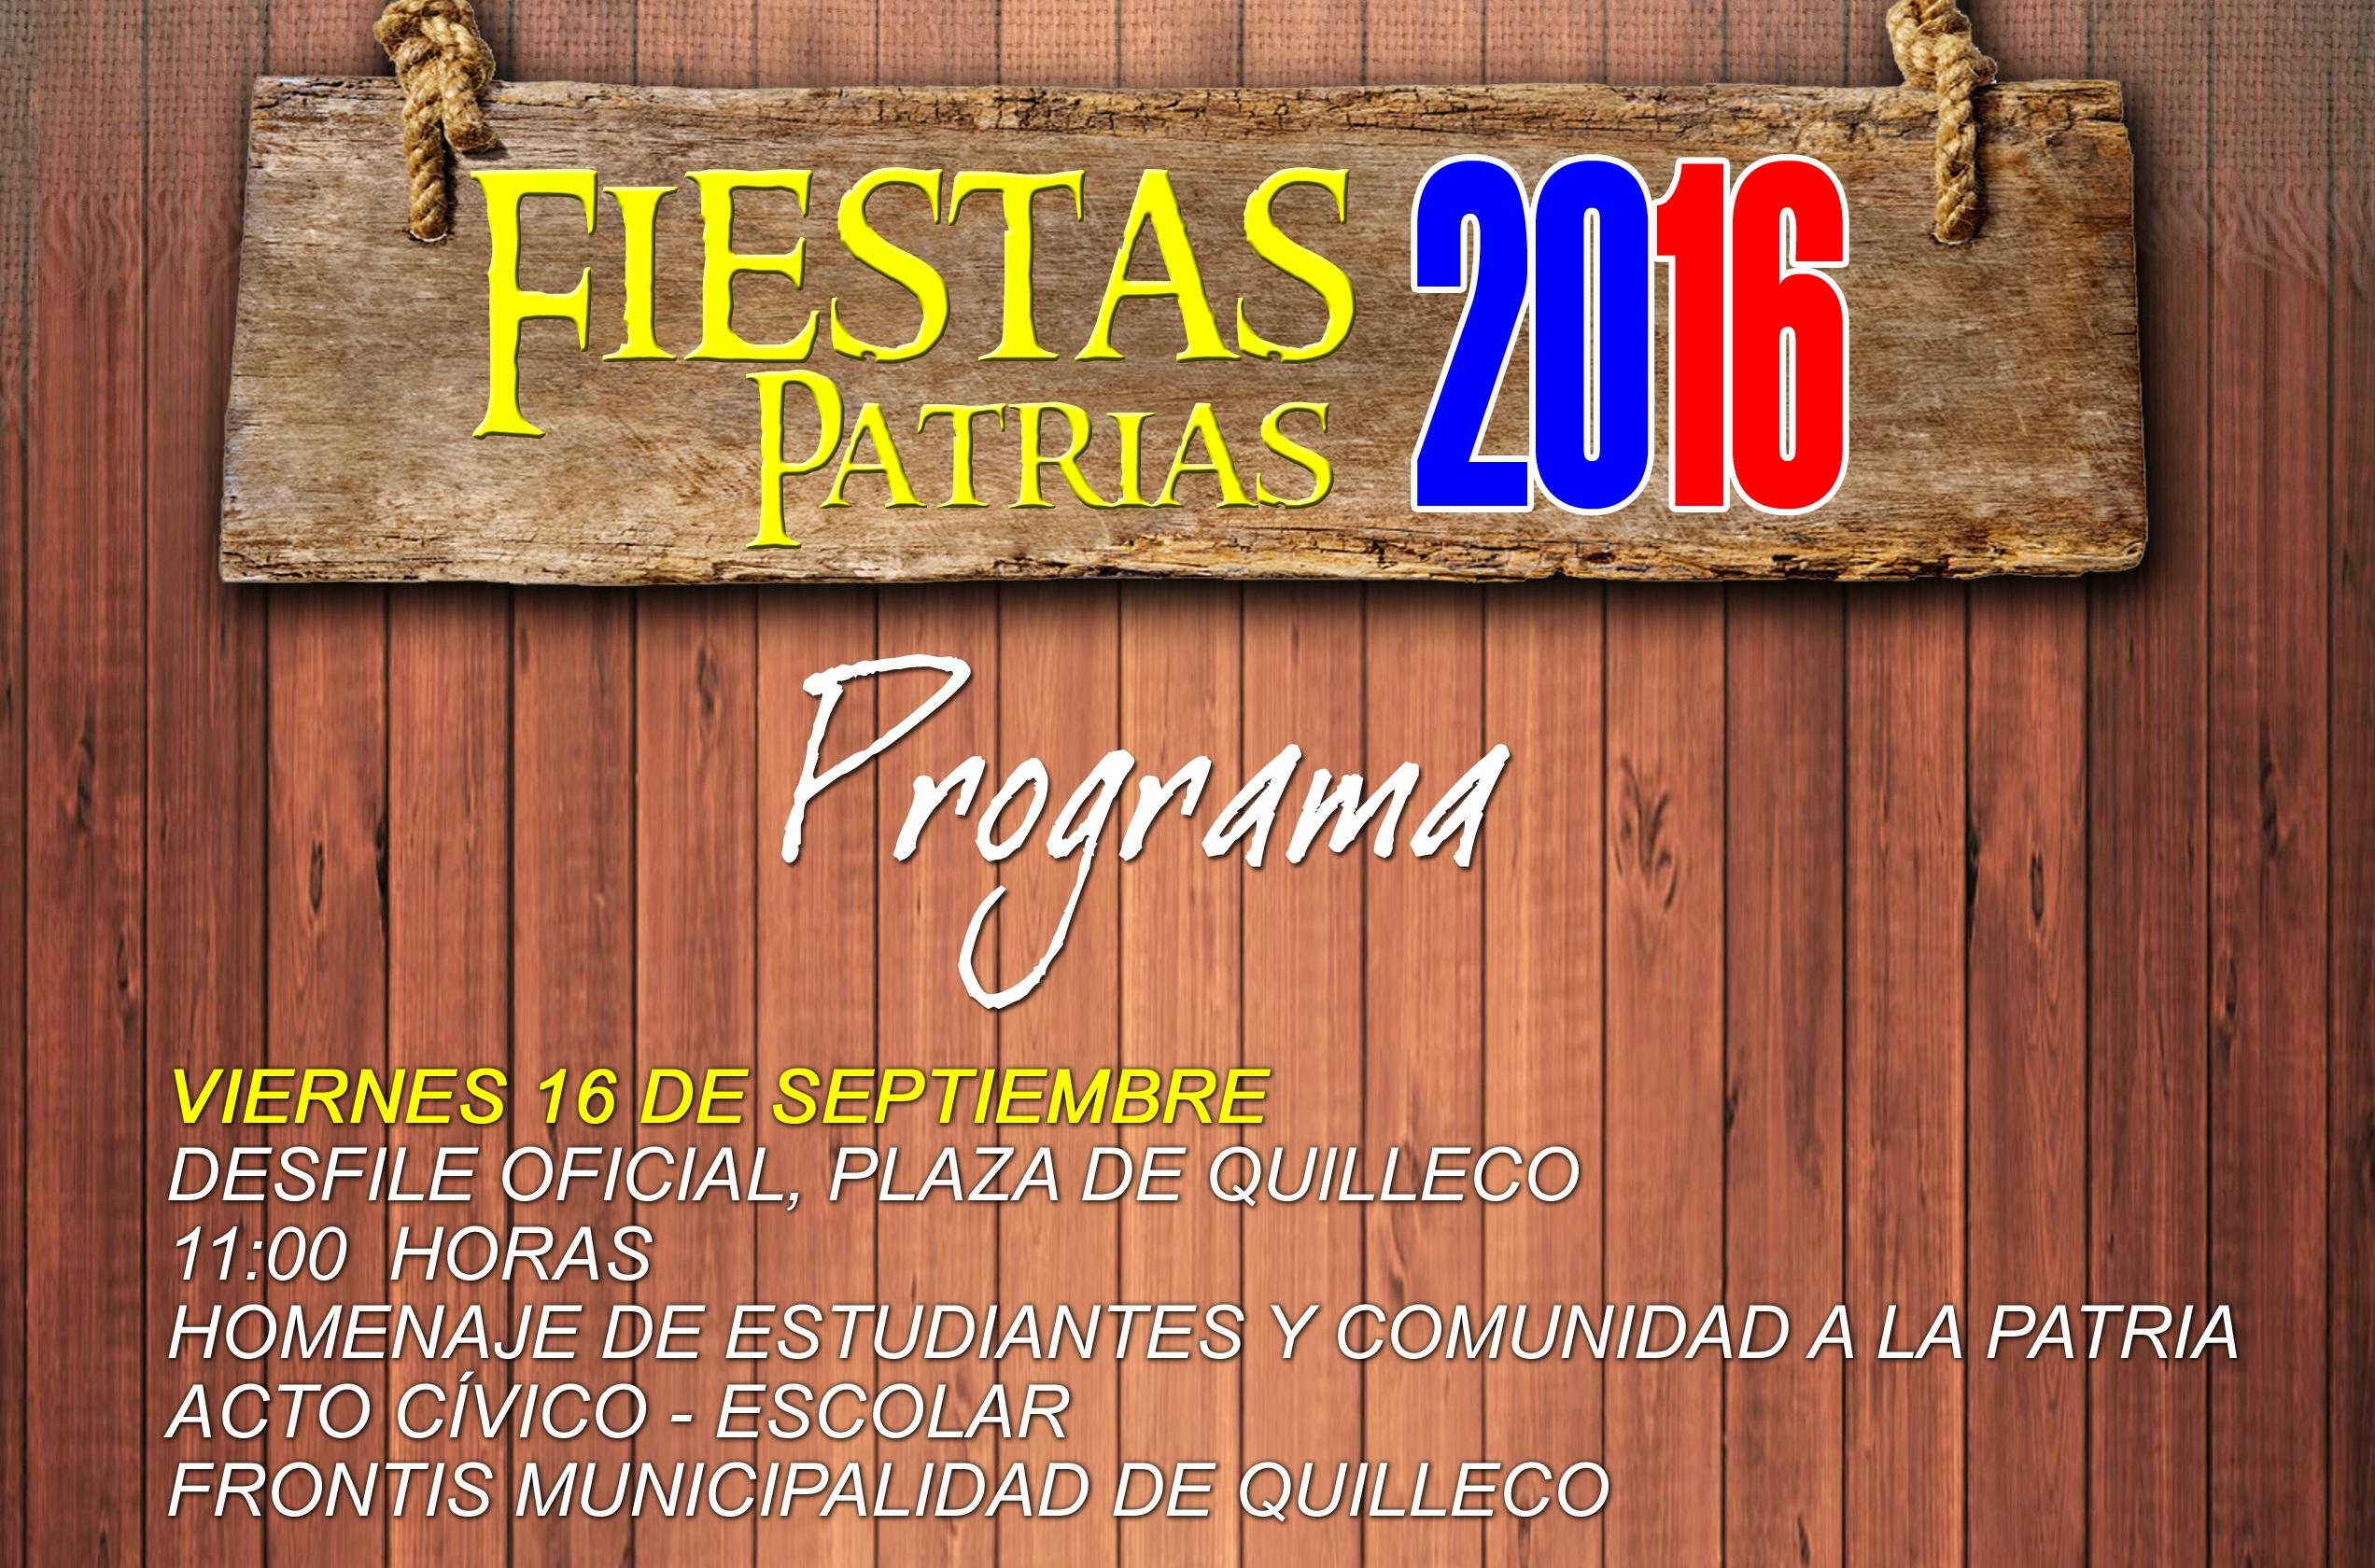 PROGRAMA FIESTAS PATRIAS 2016